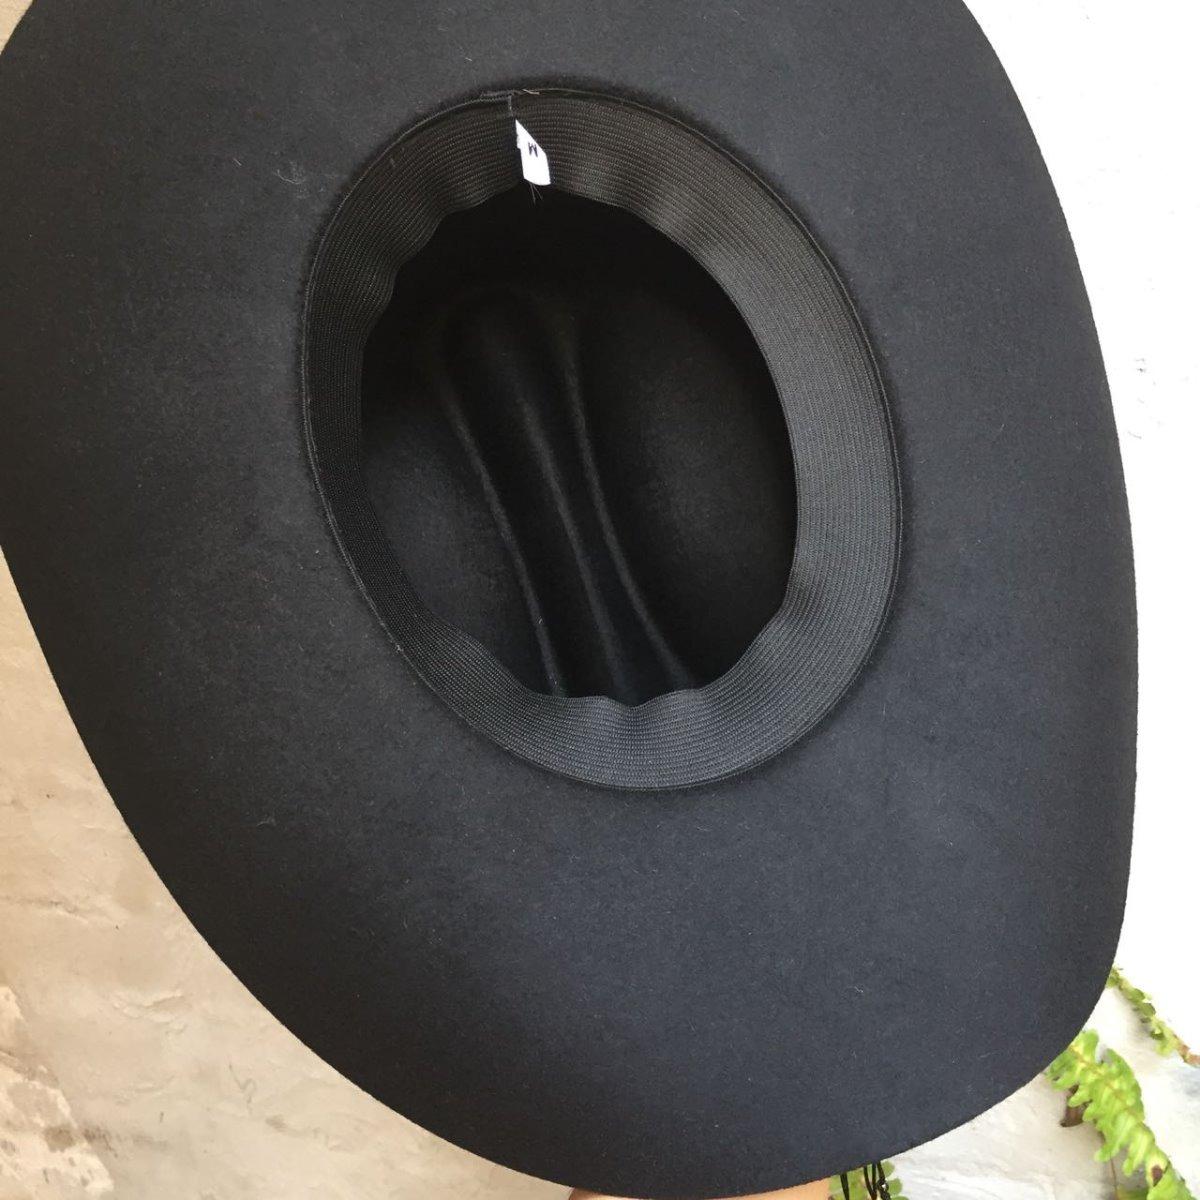 Sombrero Horma Americano De Fieltro La Sierra Hats -   299.00 en ... 1207545e670